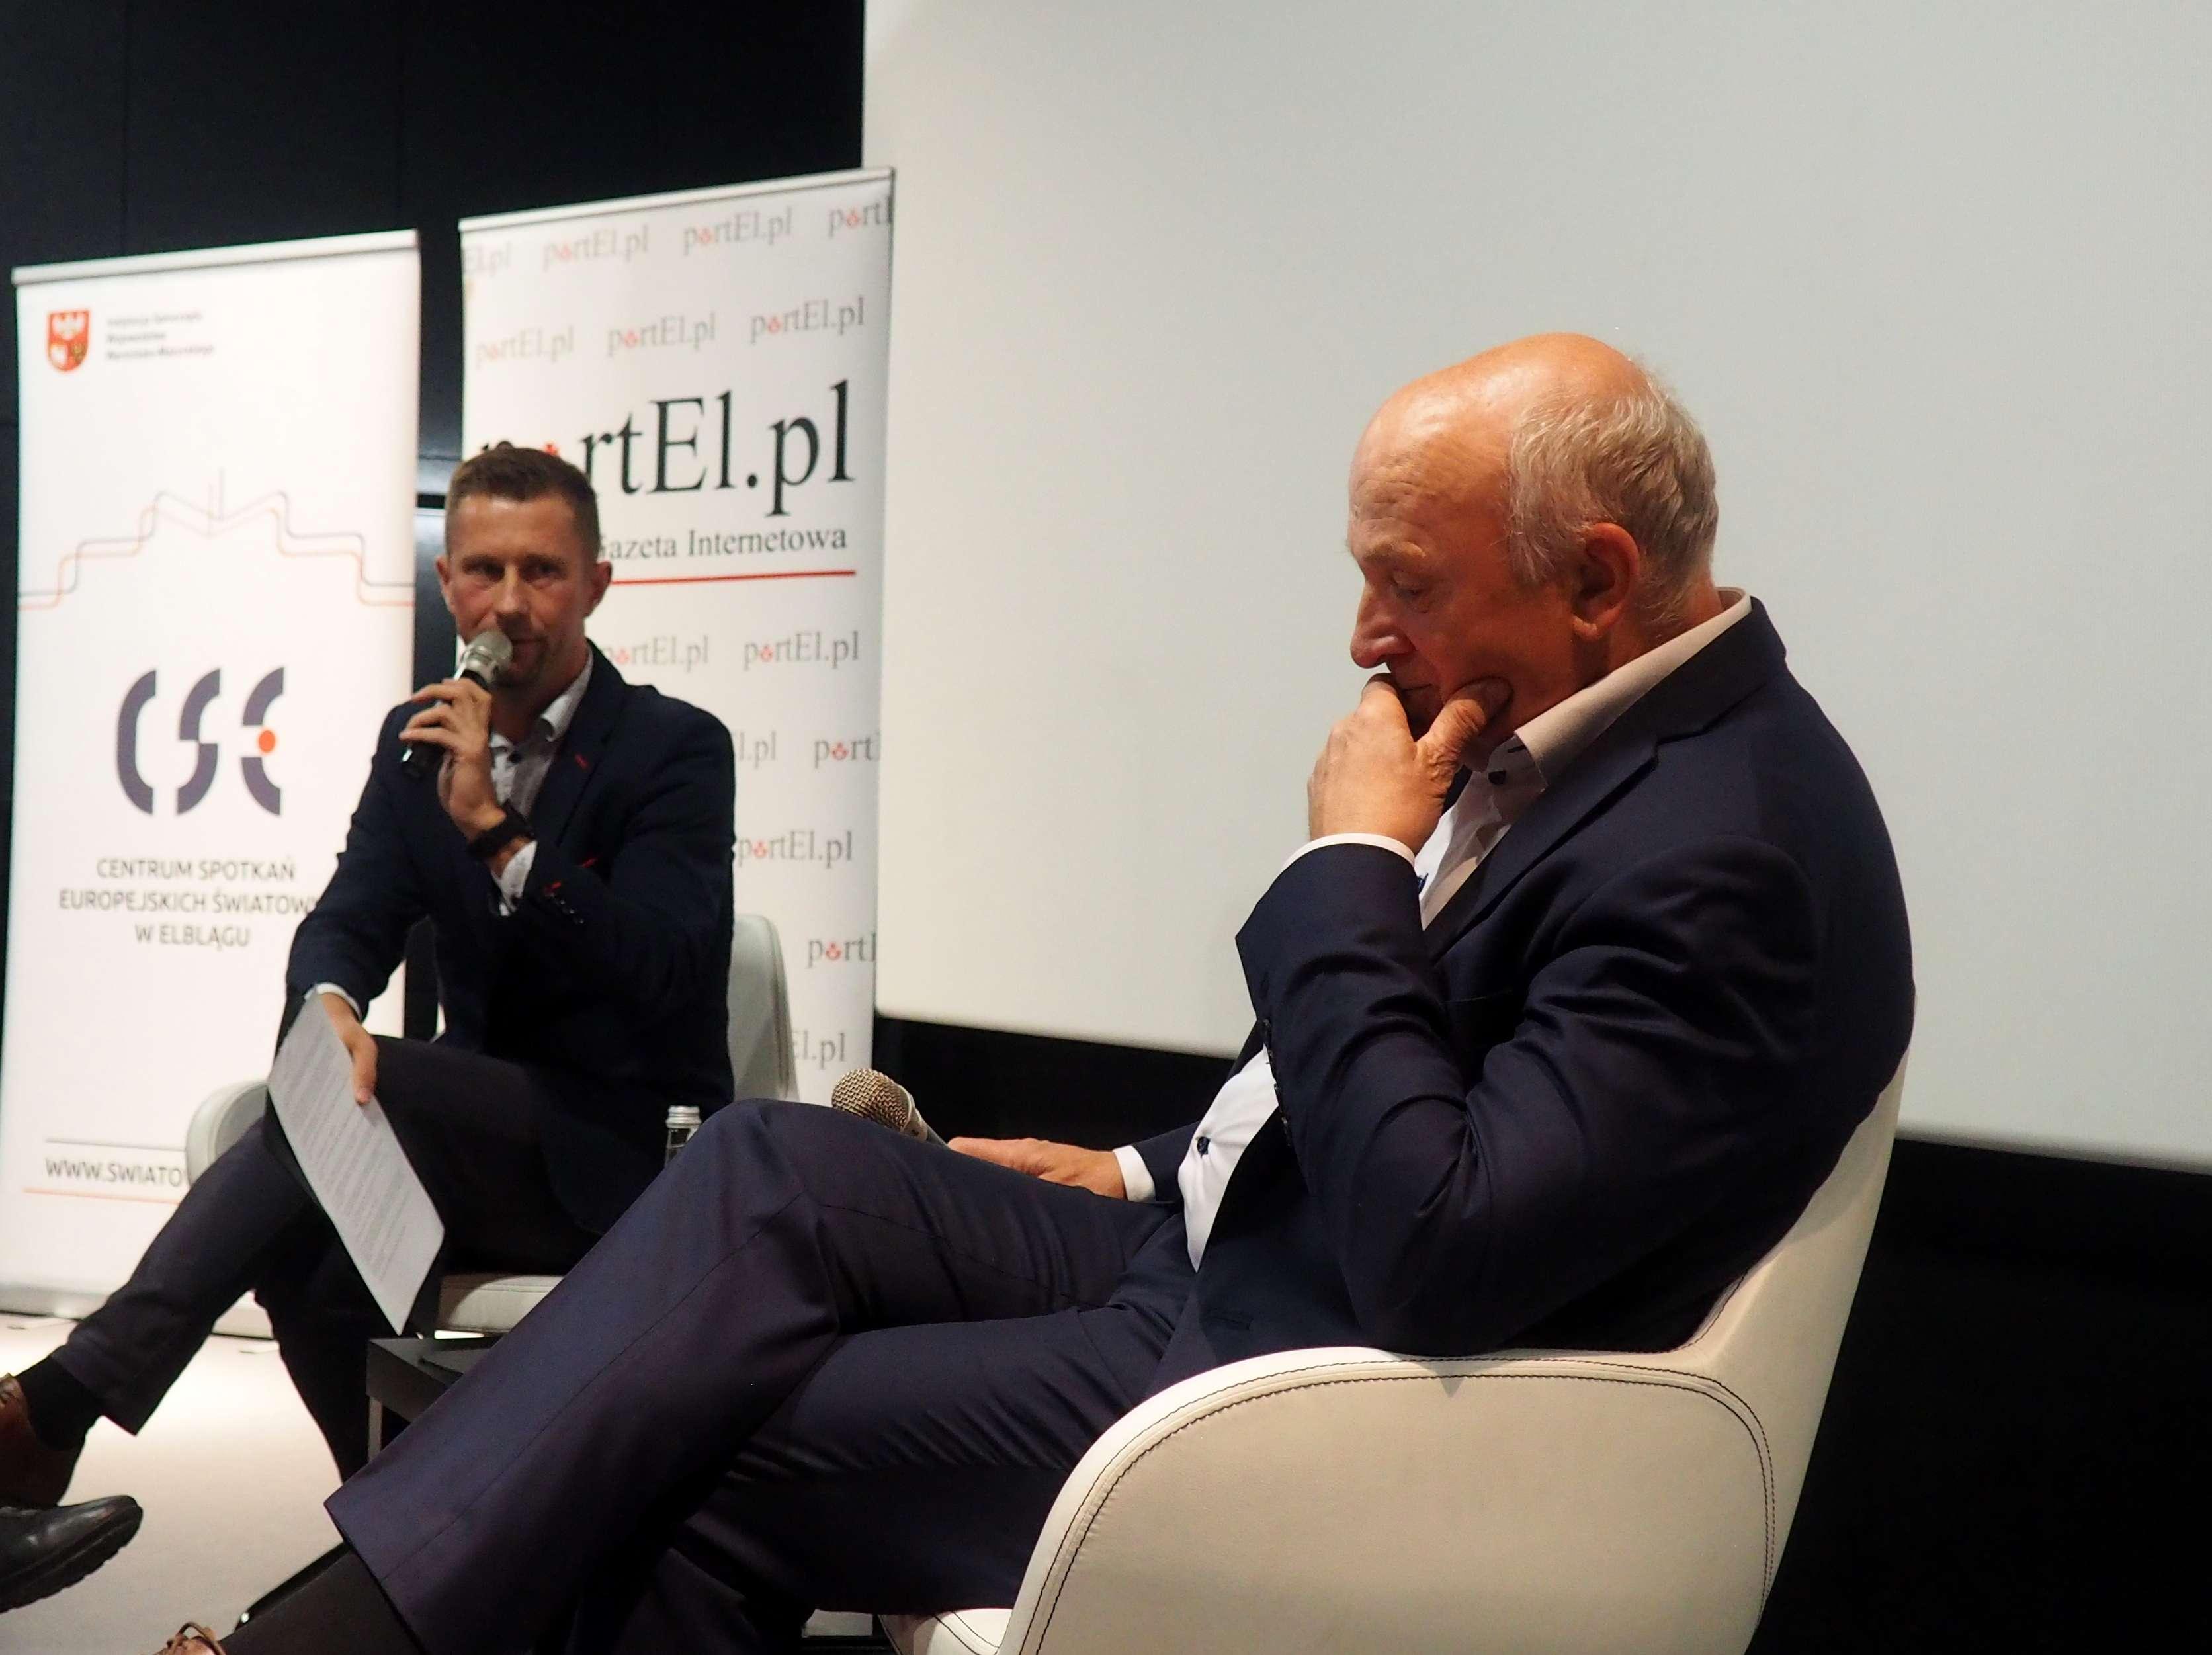 Paweł Olechnowicz: Prywatyzacja Zamechu to było najlepsze rozwiązanie